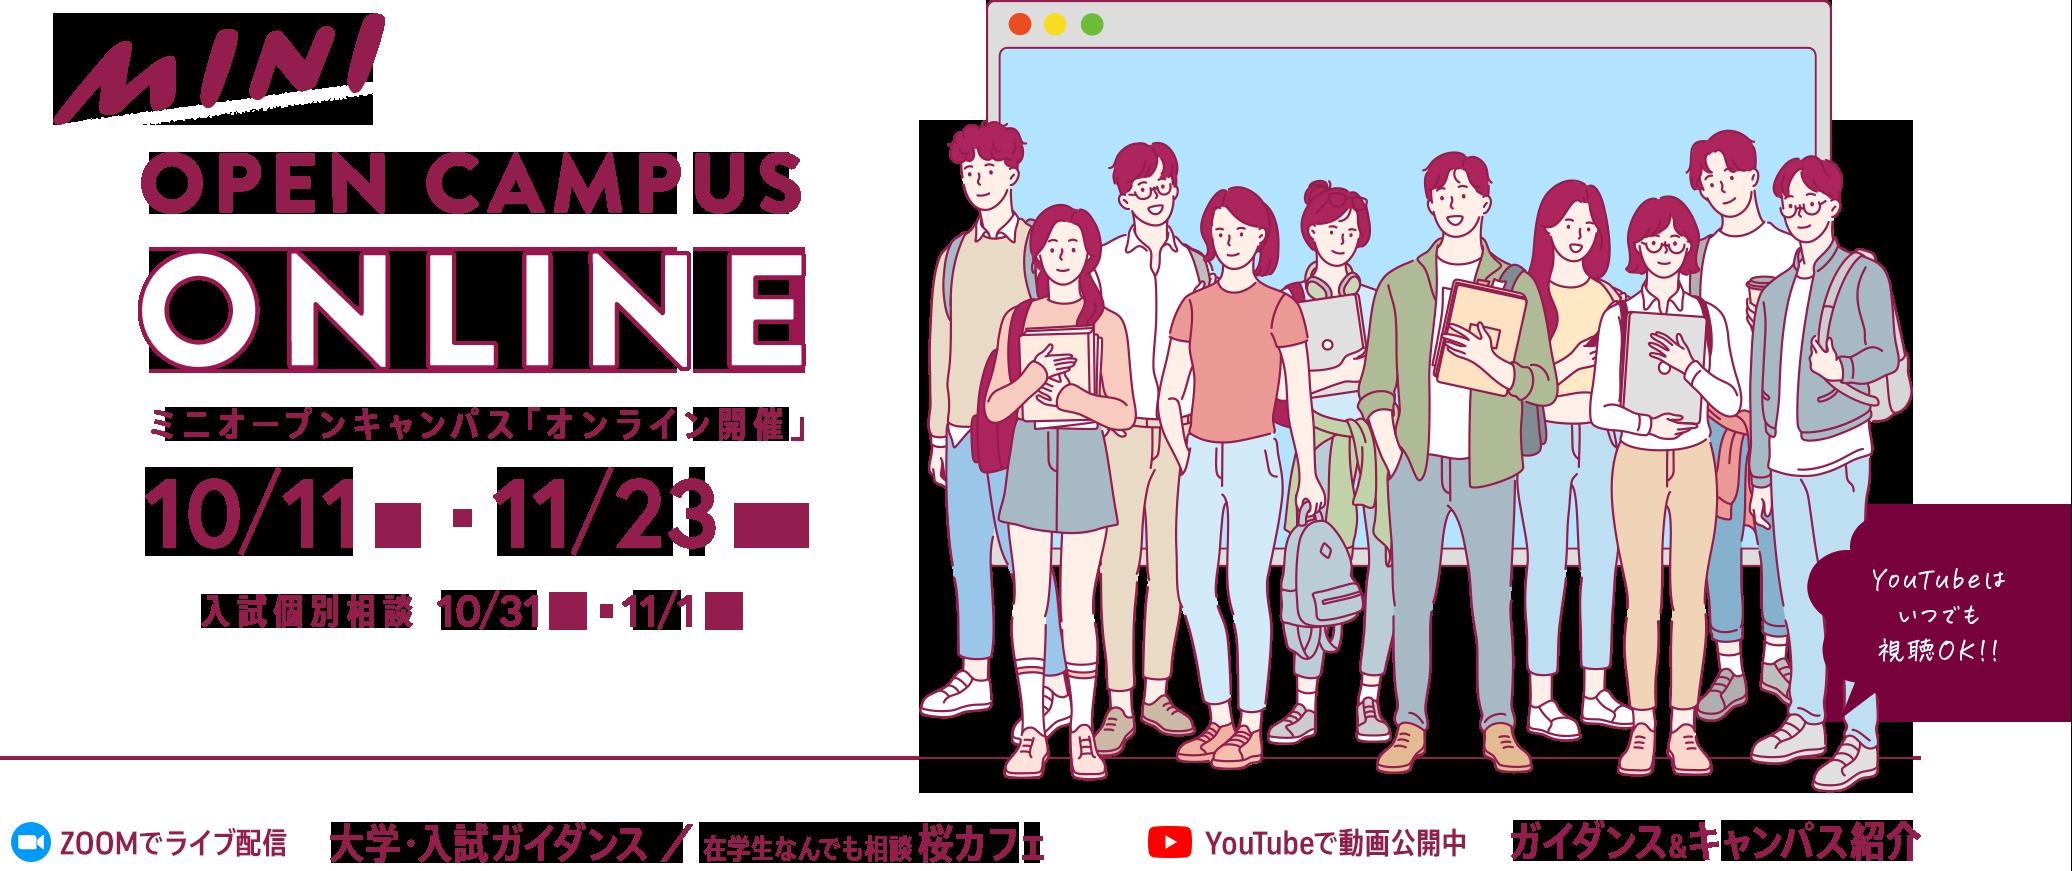 【WEB】ミニオープンキャンパス「オンライン開催」